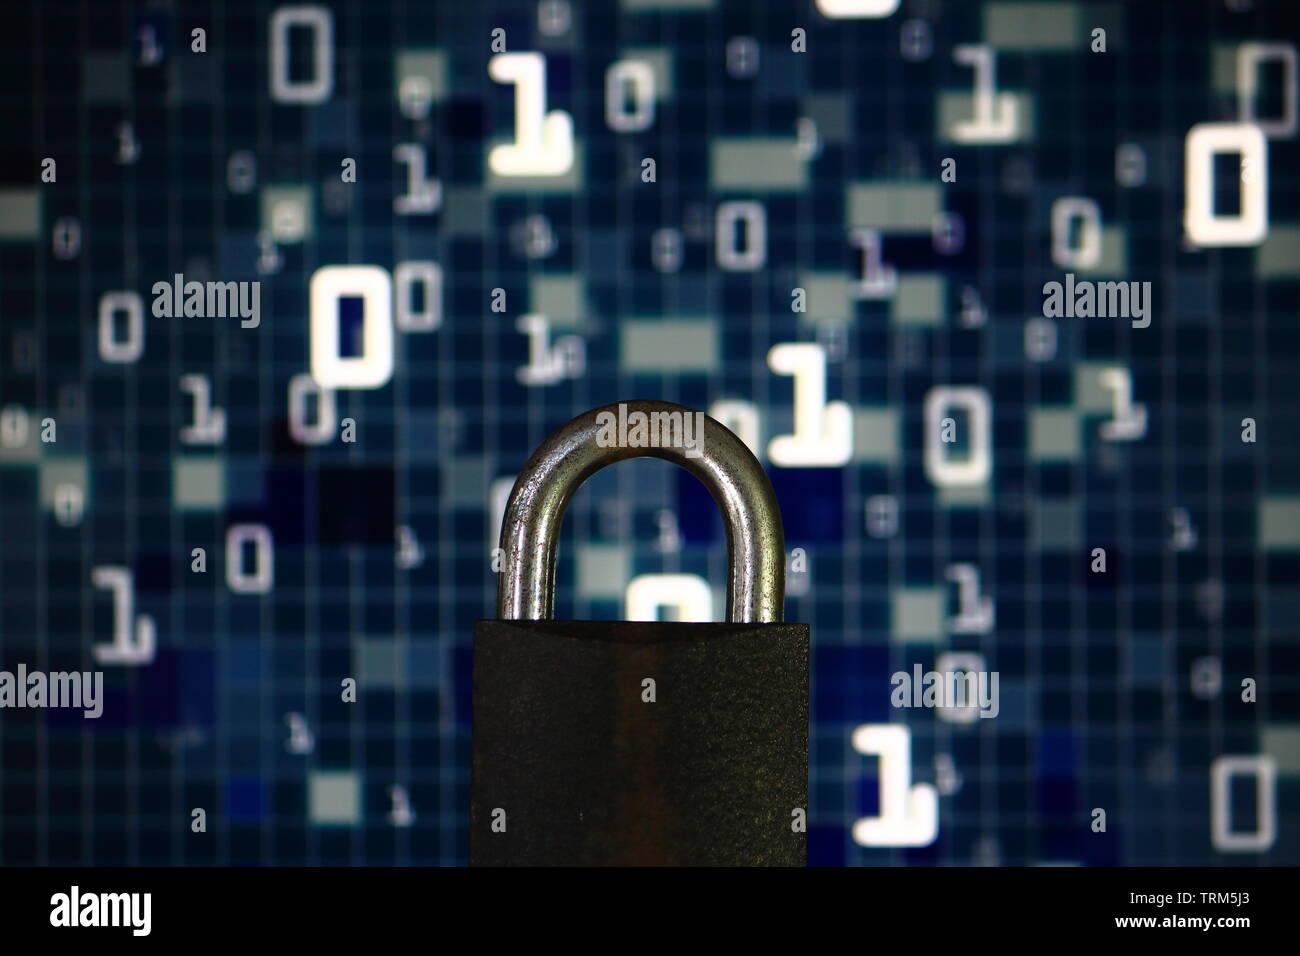 Lenguaje binario matrix ser borrosa ocultar un candado de hierro. signo de protección de la privacidad del equipo. equipo de seguridad y el entorno de internet. Imagen De Stock